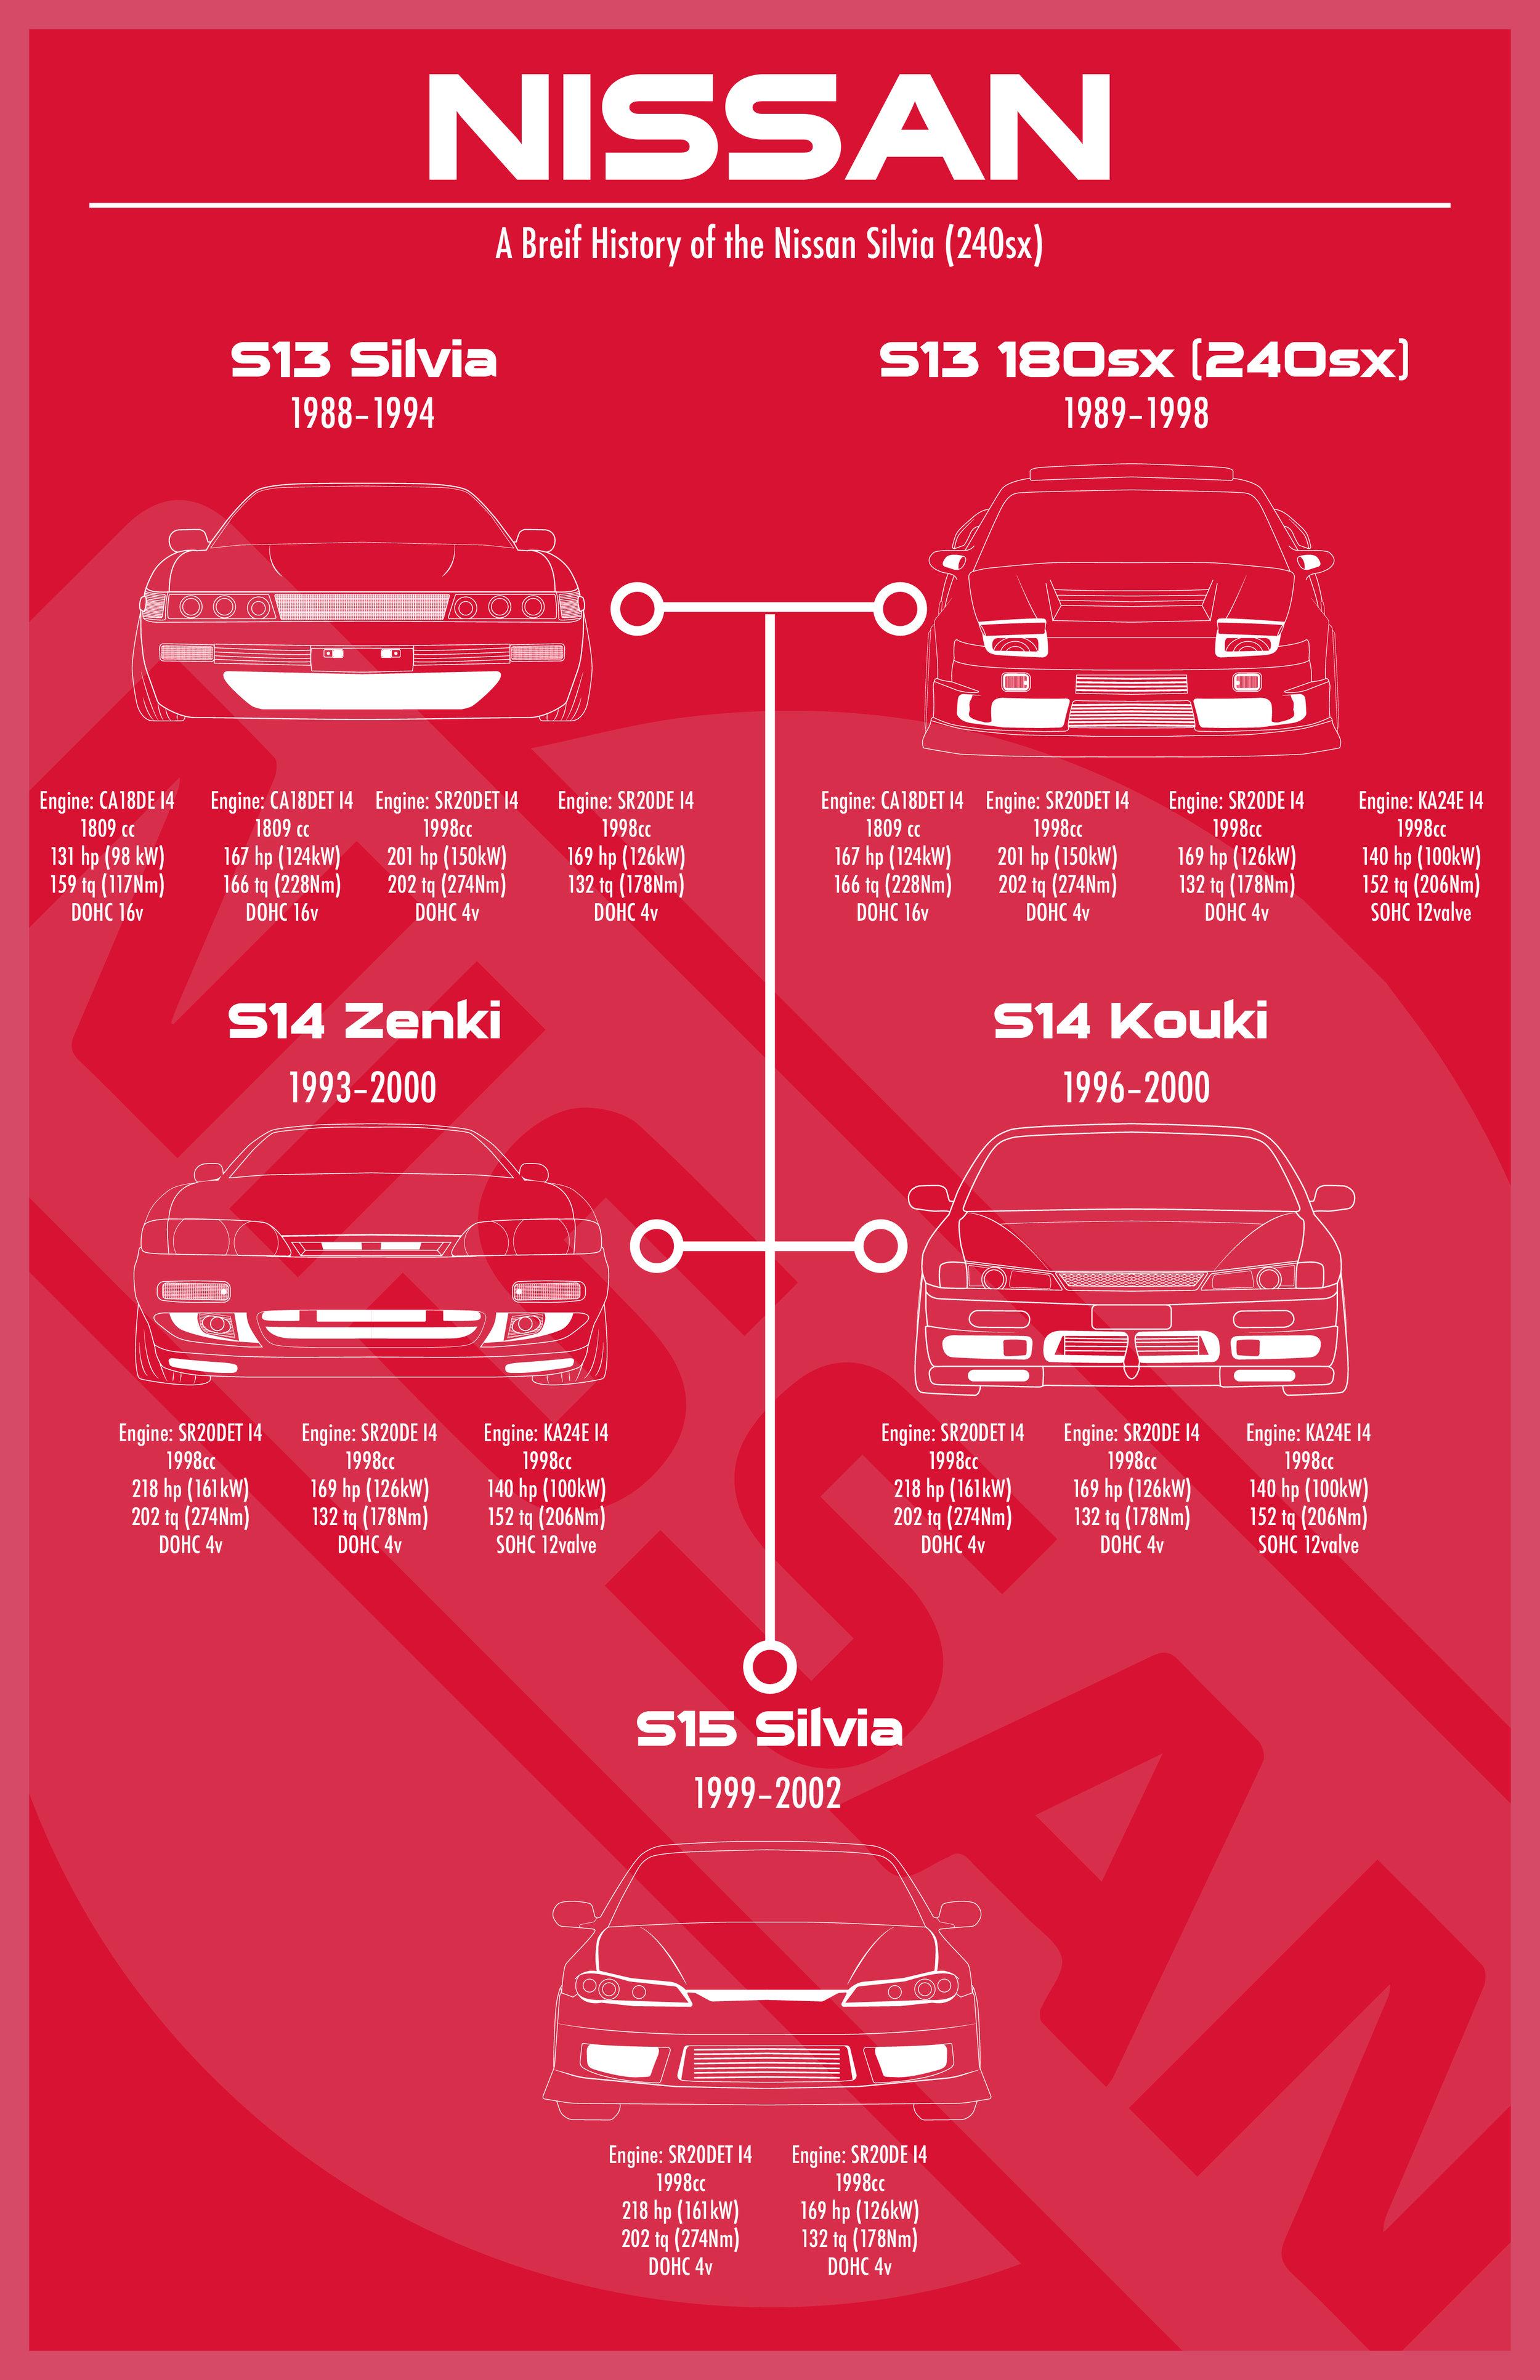 infographic_main-01.jpg